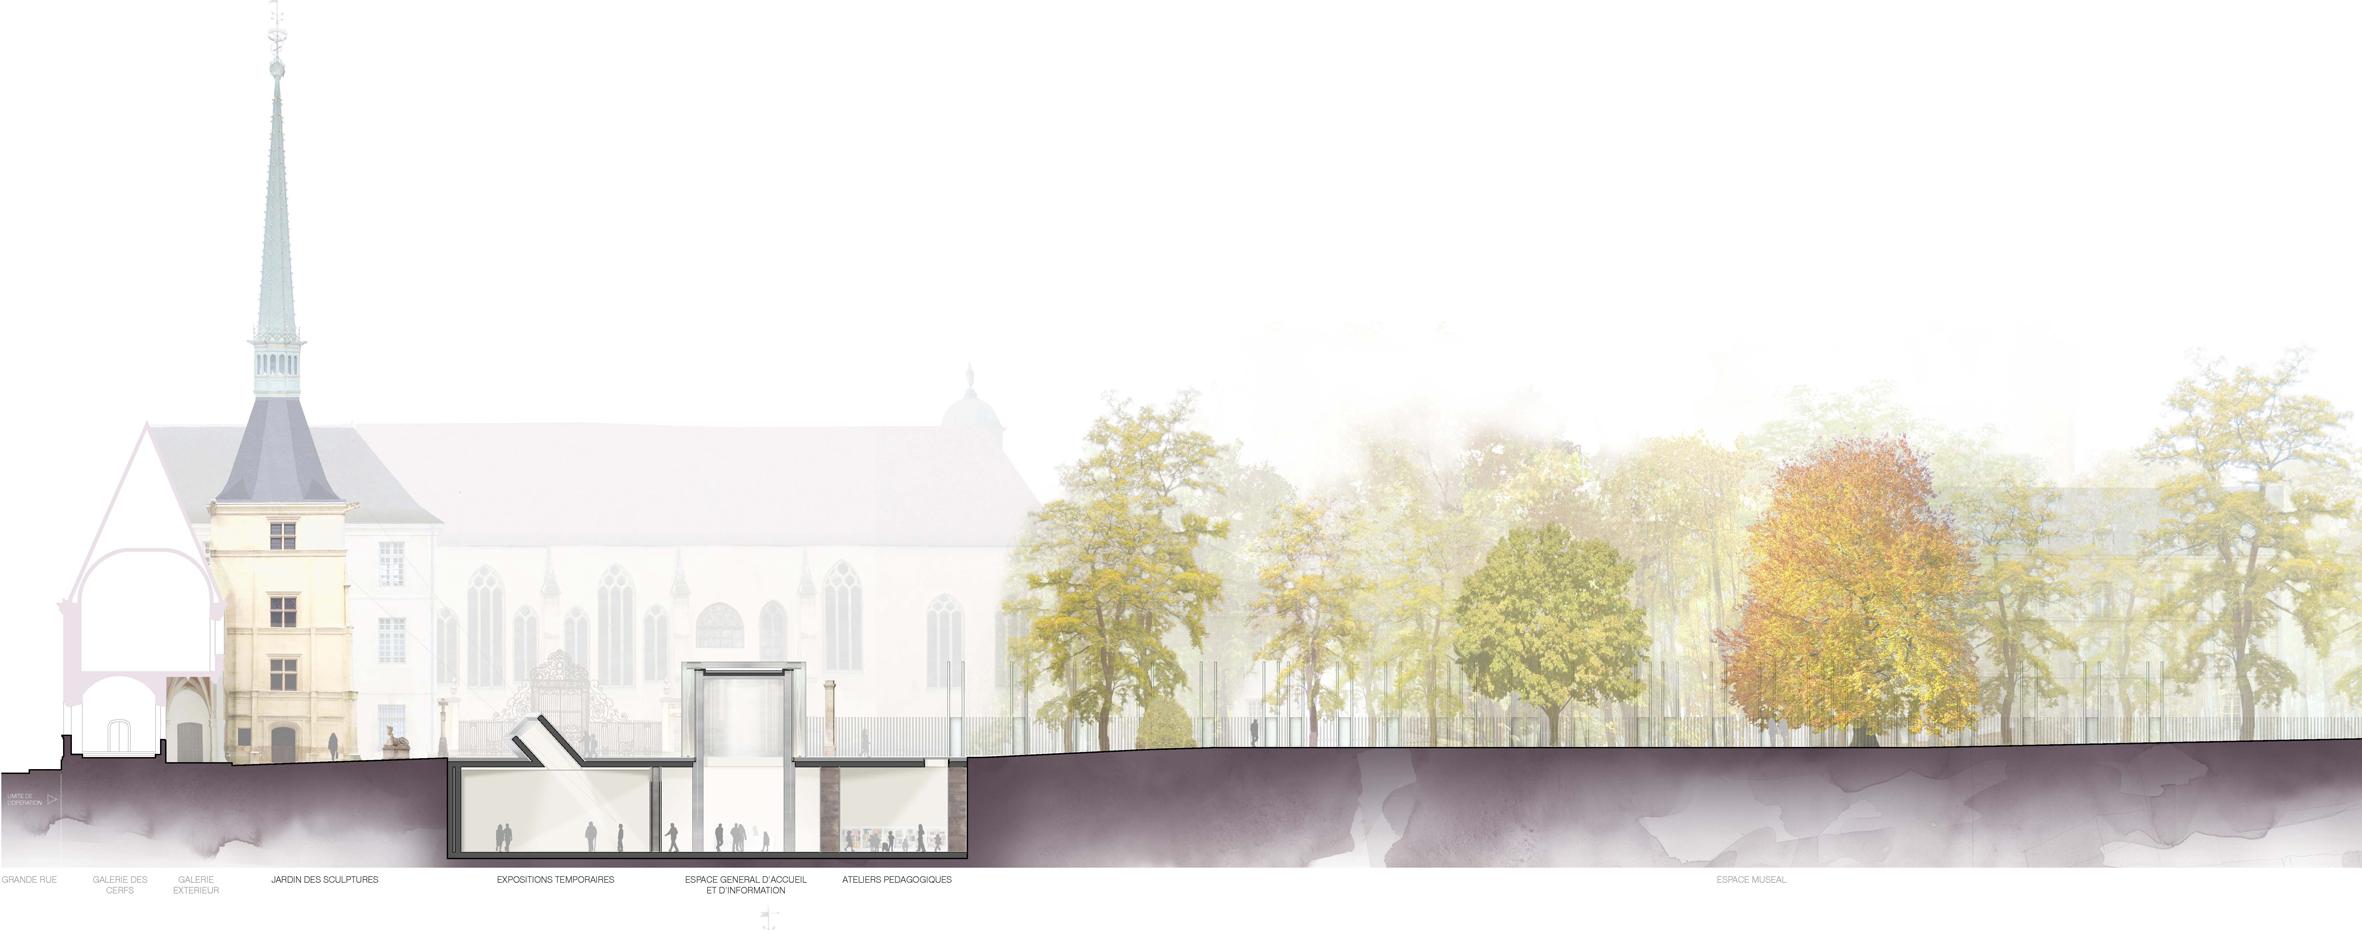 Agence Caillault ACMH -Musée lorrain – Nancy – Coupe du projet